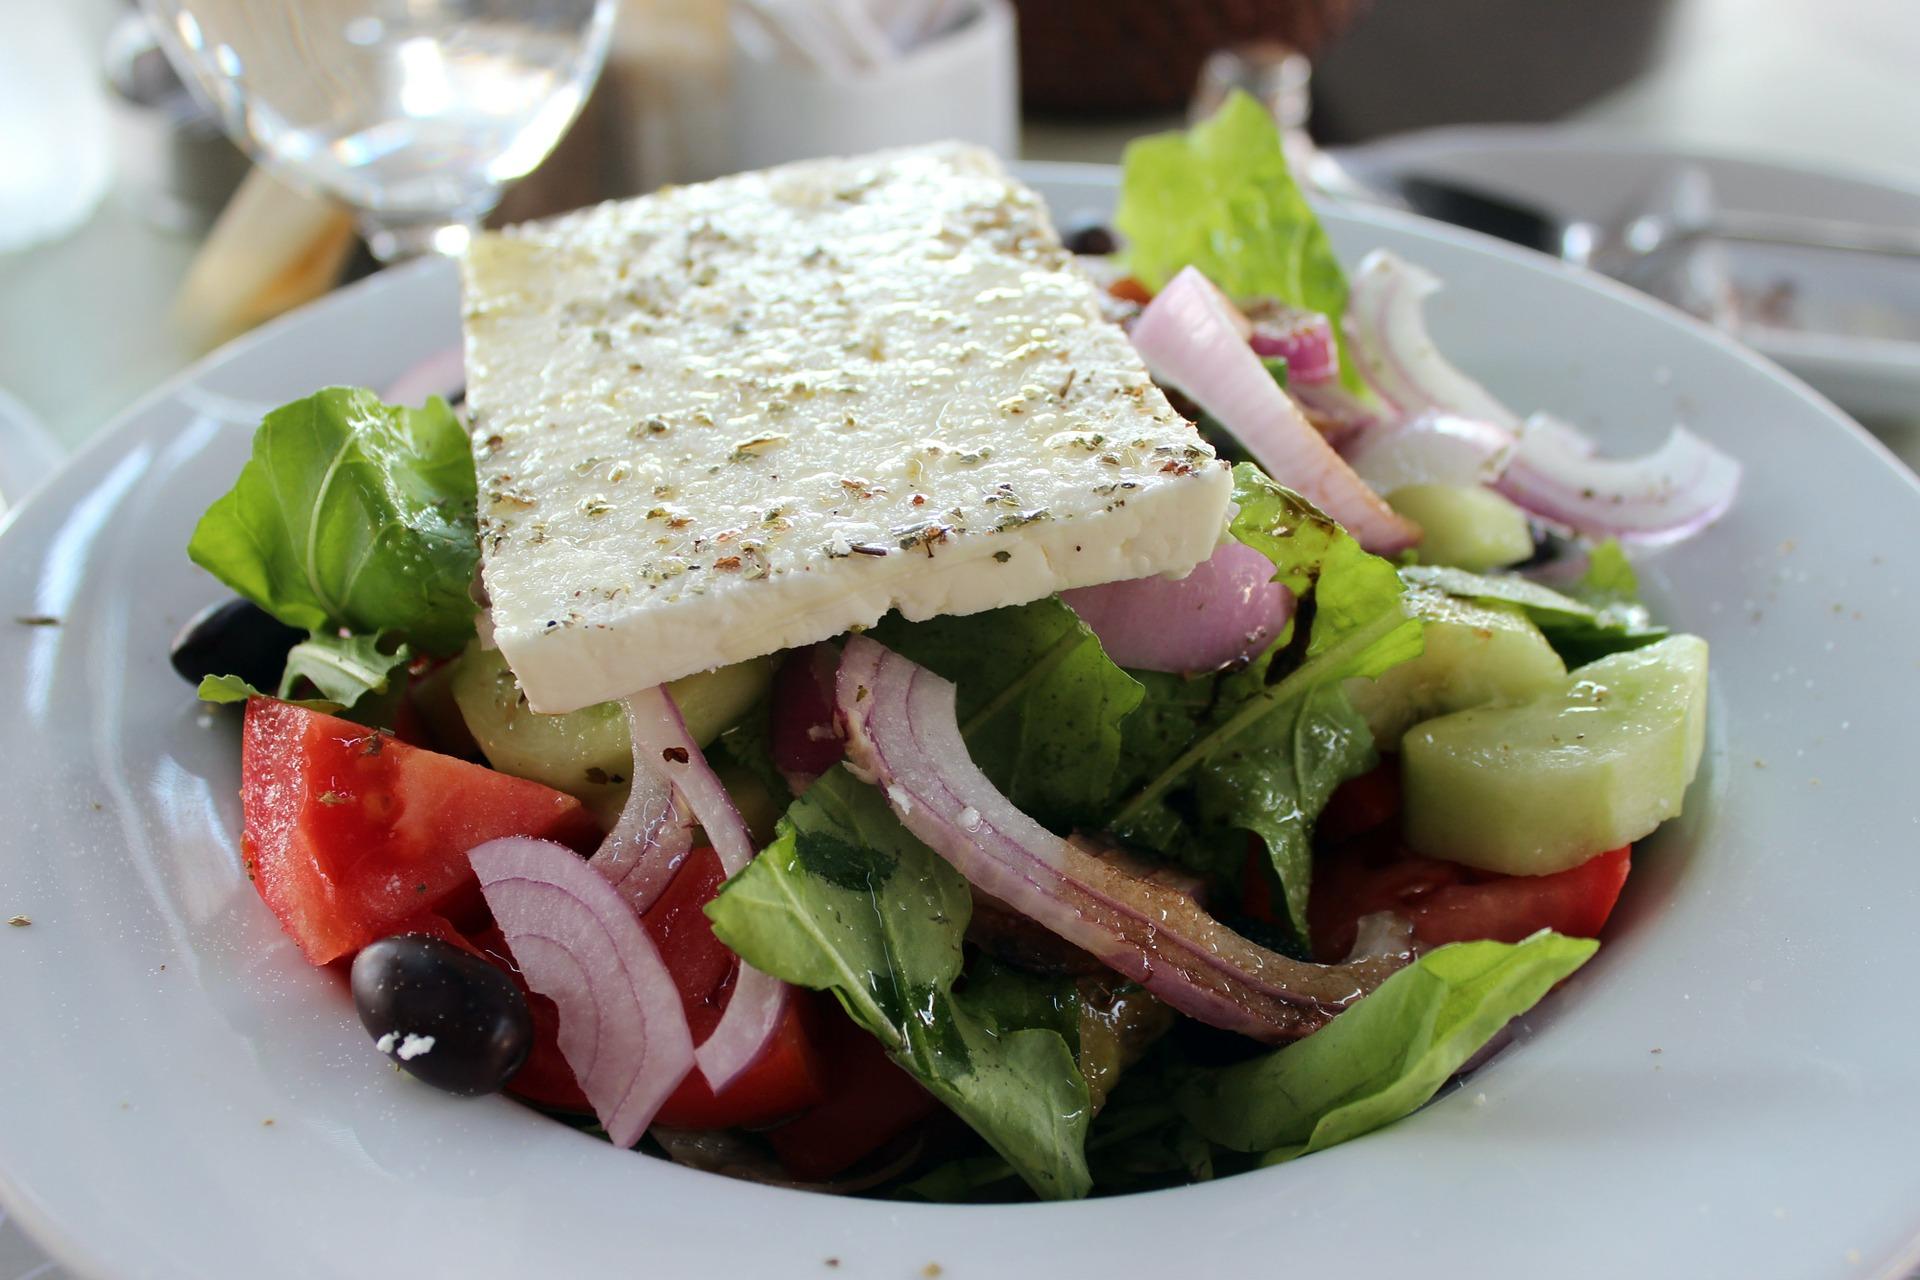 grekisk mat lund